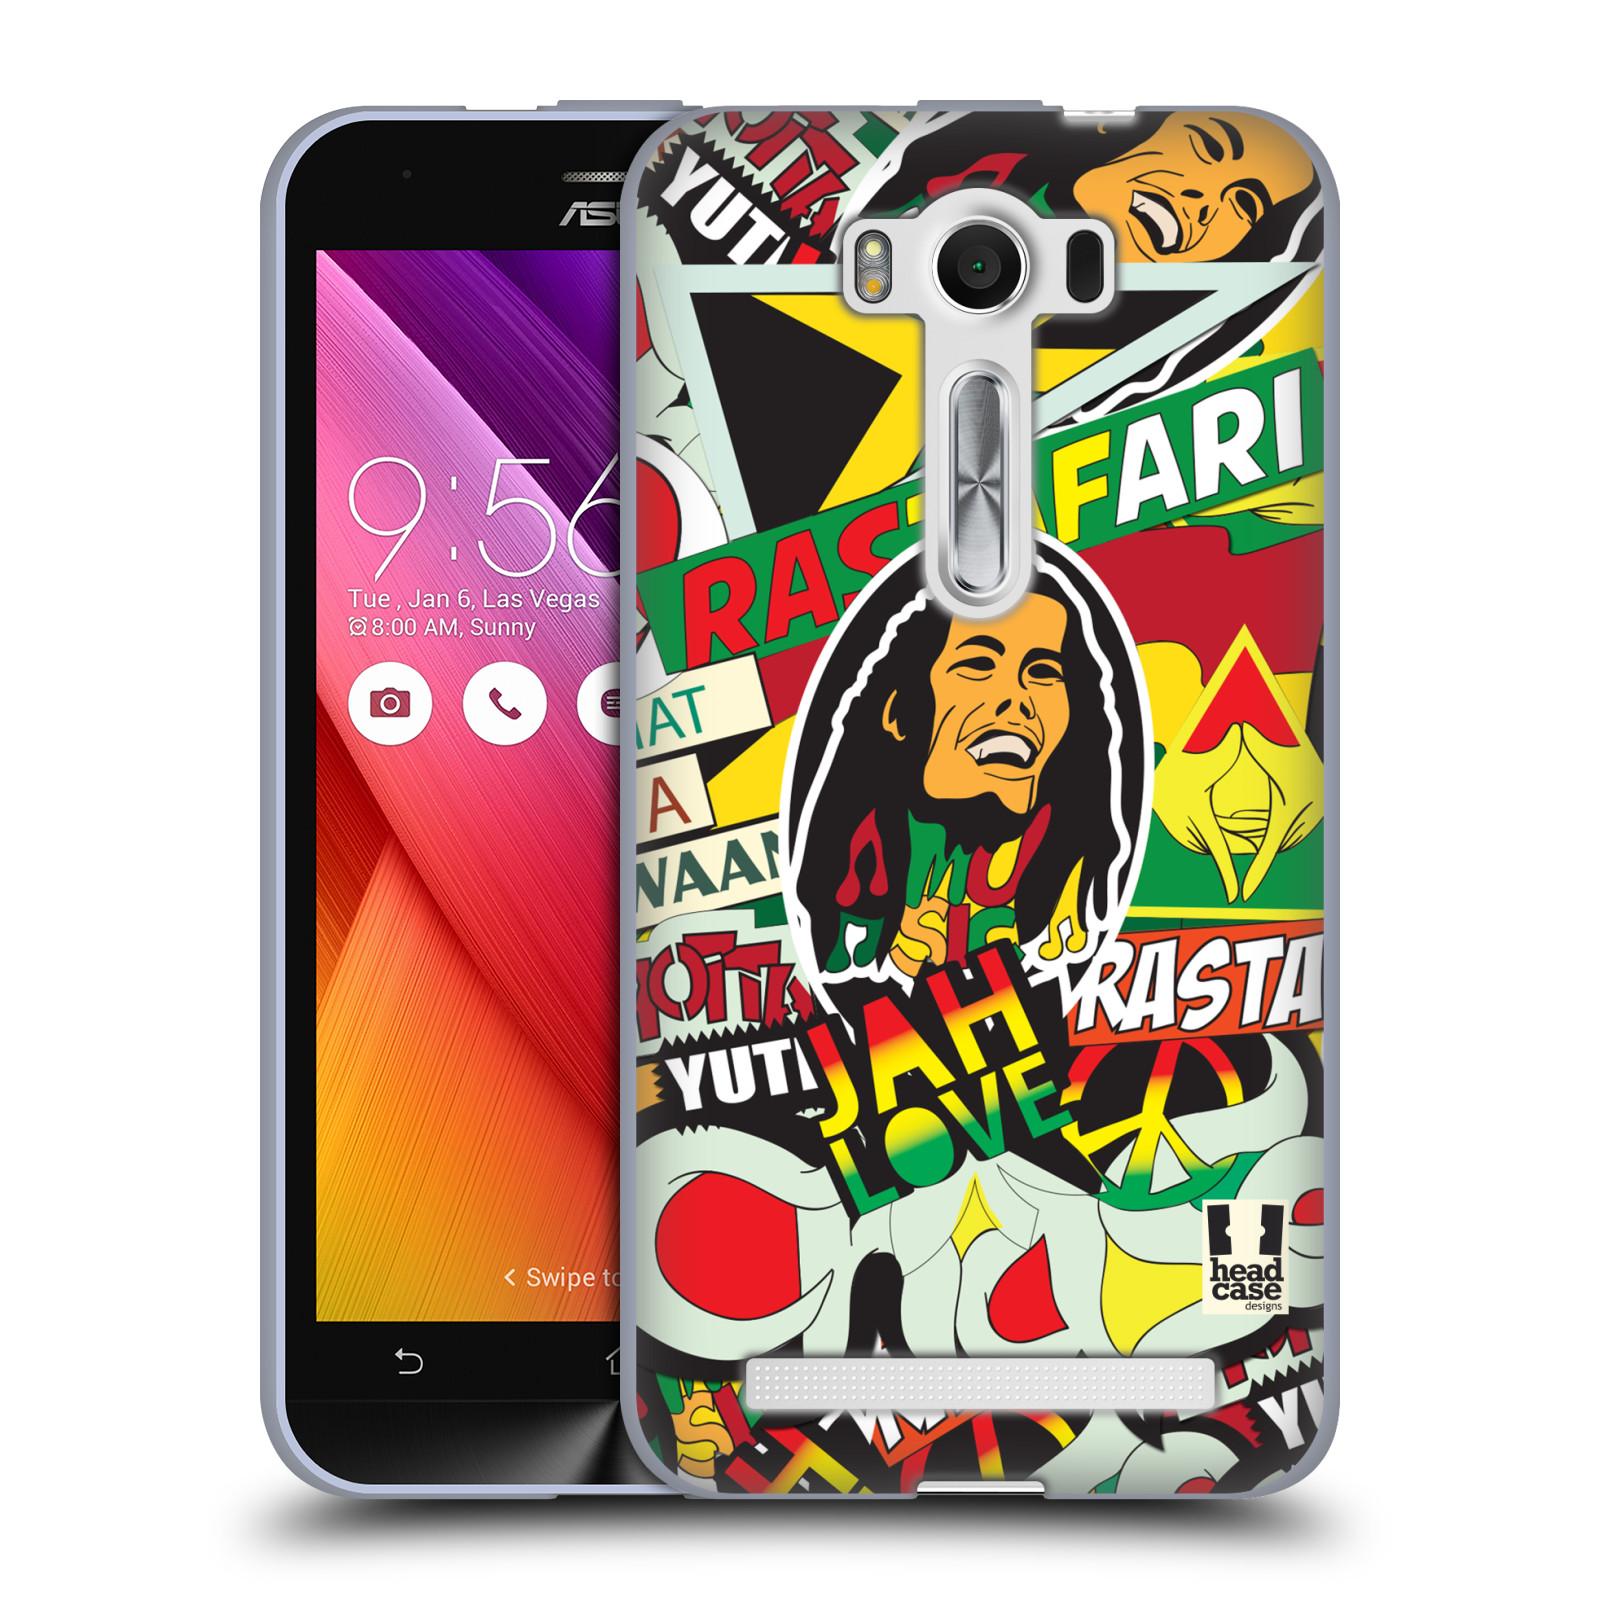 """Silikonové pouzdro na mobil Asus ZenFone 2 Laser ZE500KL HEAD CASE RASTA (Silikonový kryt či obal na mobilní telefon Asus ZenFone 2 Laser ZE500KL s 5"""" displejem)"""